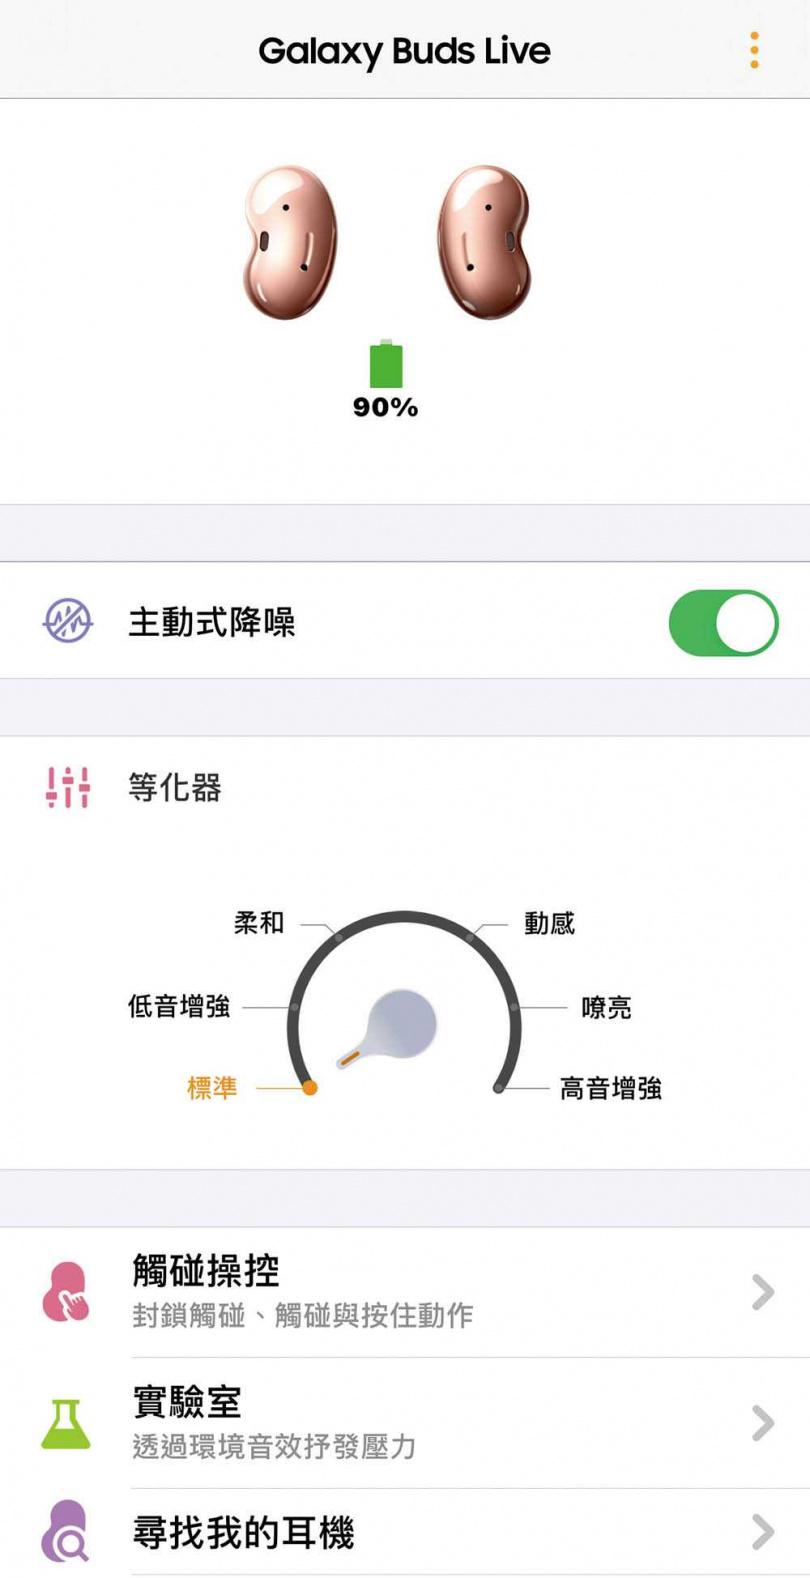 從App可選擇是否開啟主動式降噪功能,及設定左右耳機的觸控操作。(翻攝自Galaxy Buds Live App)